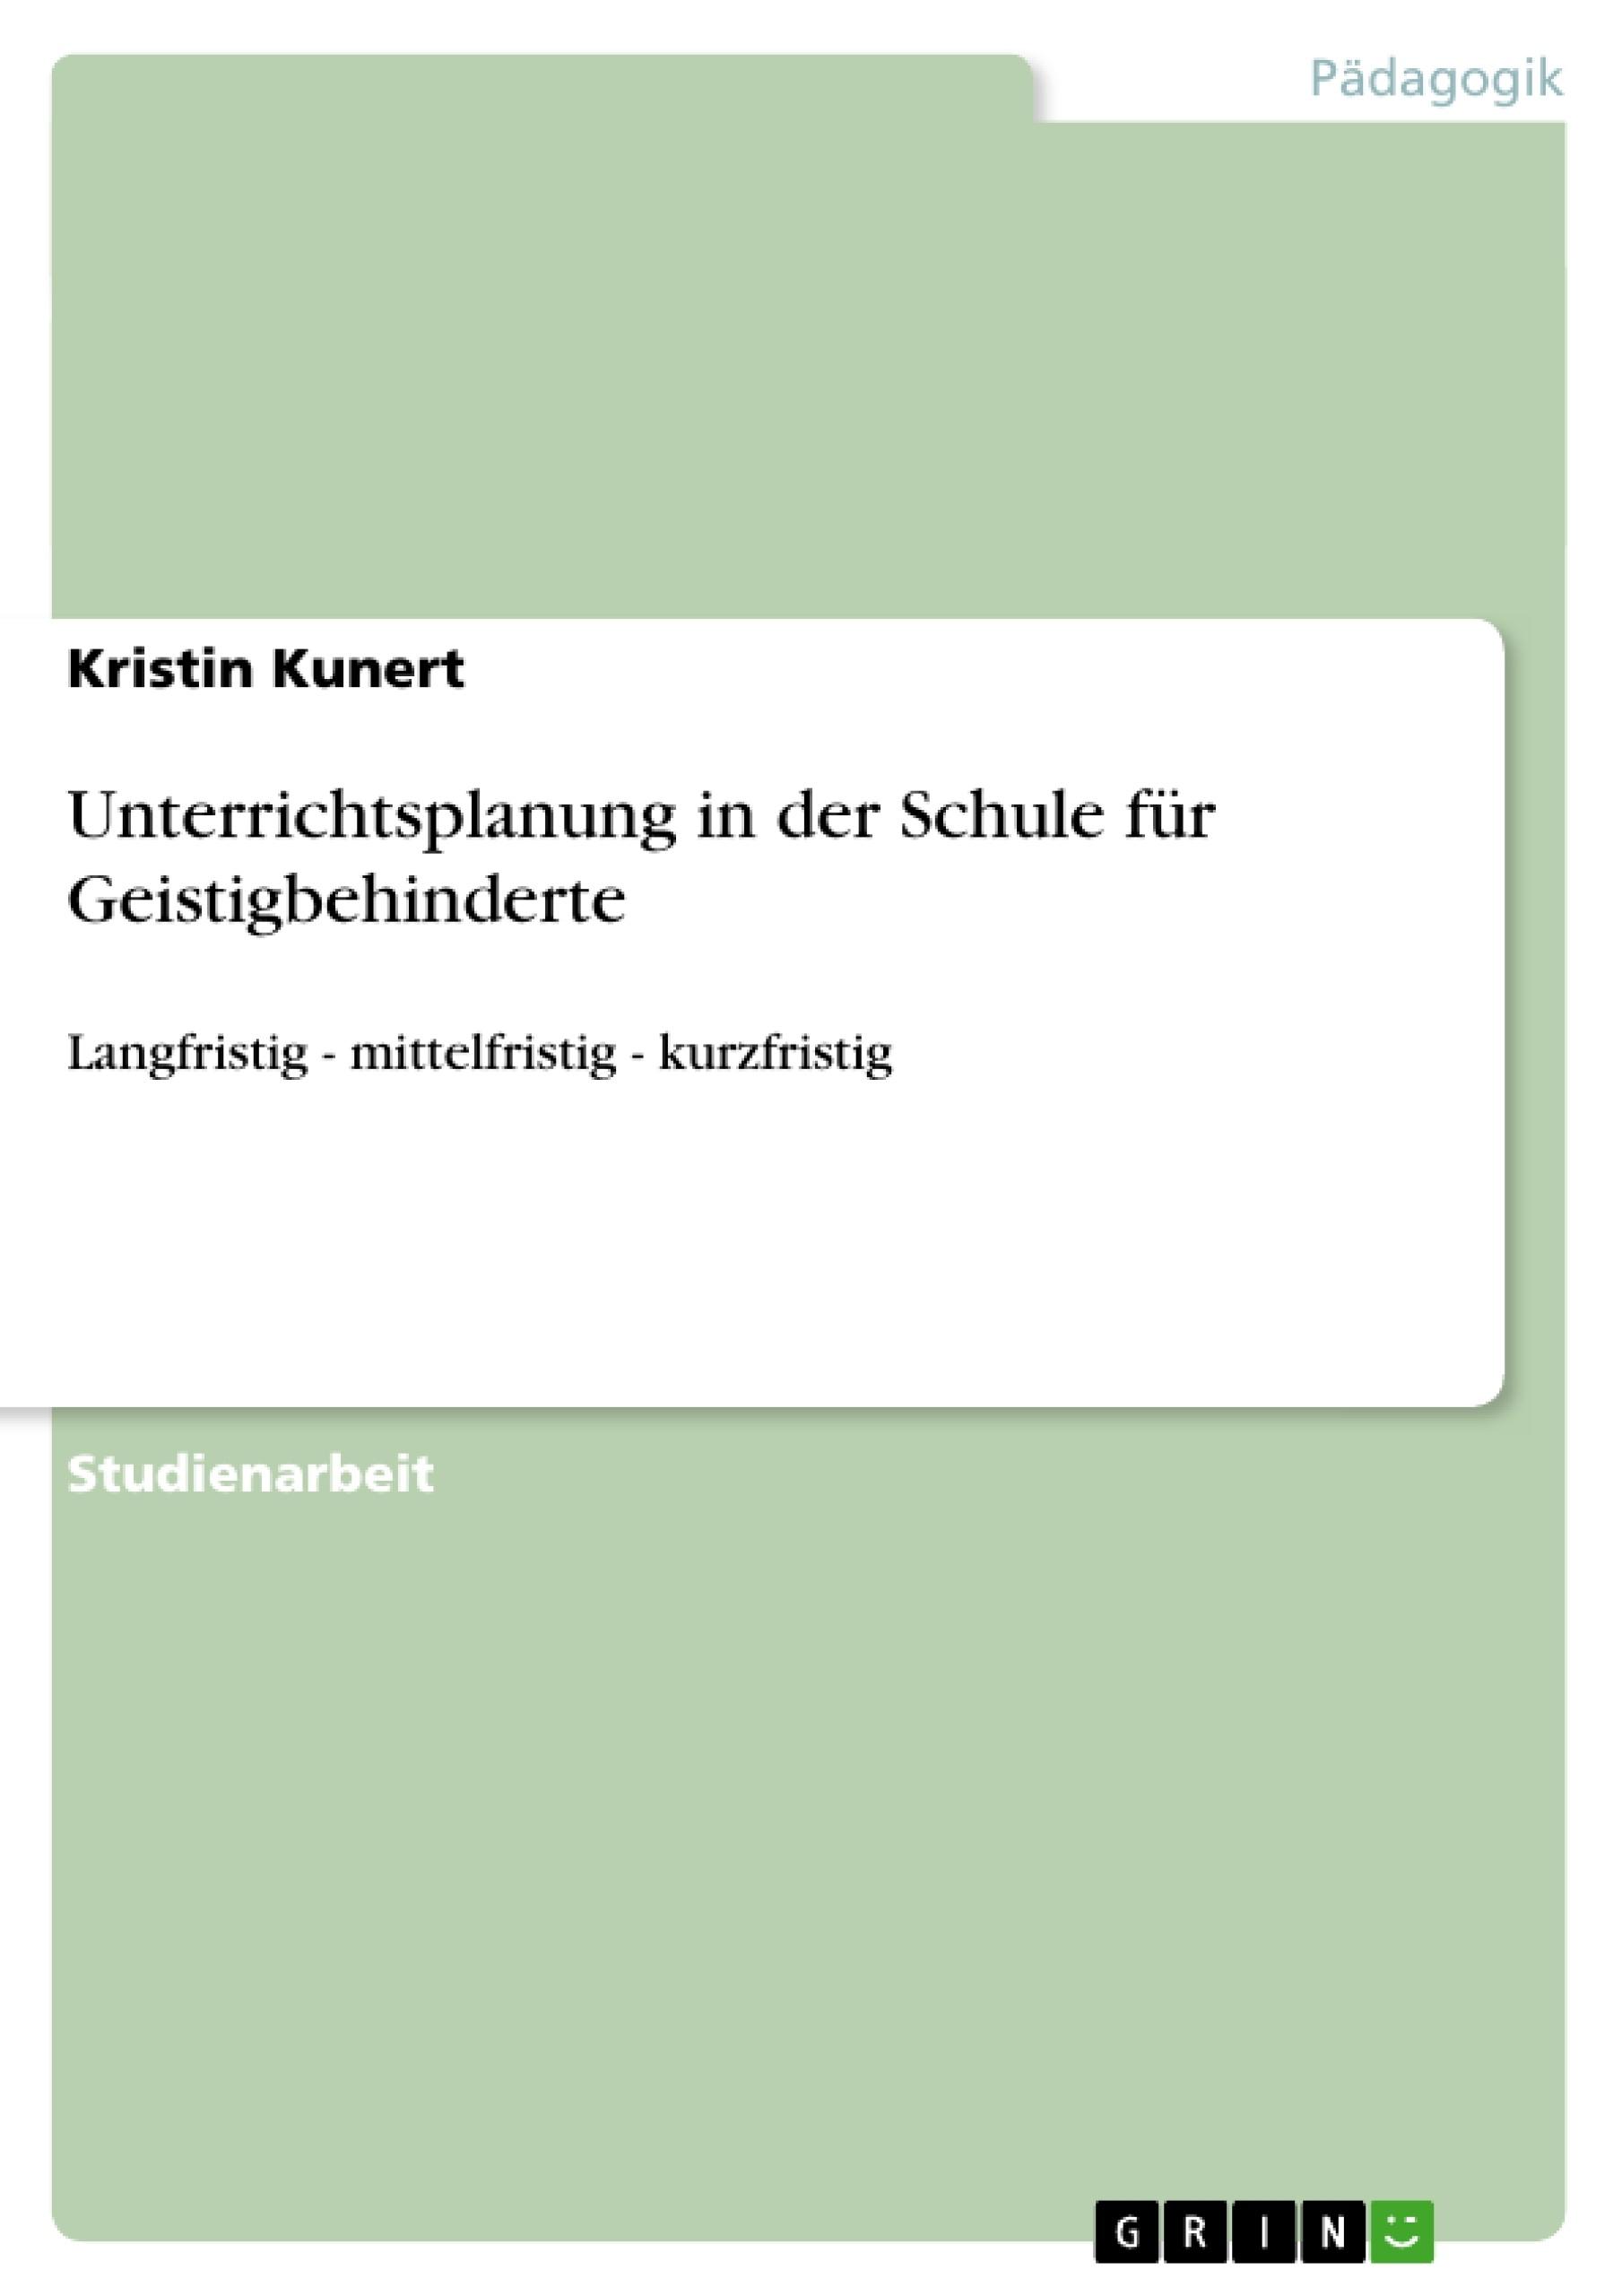 Titel: Unterrichtsplanung in der Schule für Geistigbehinderte